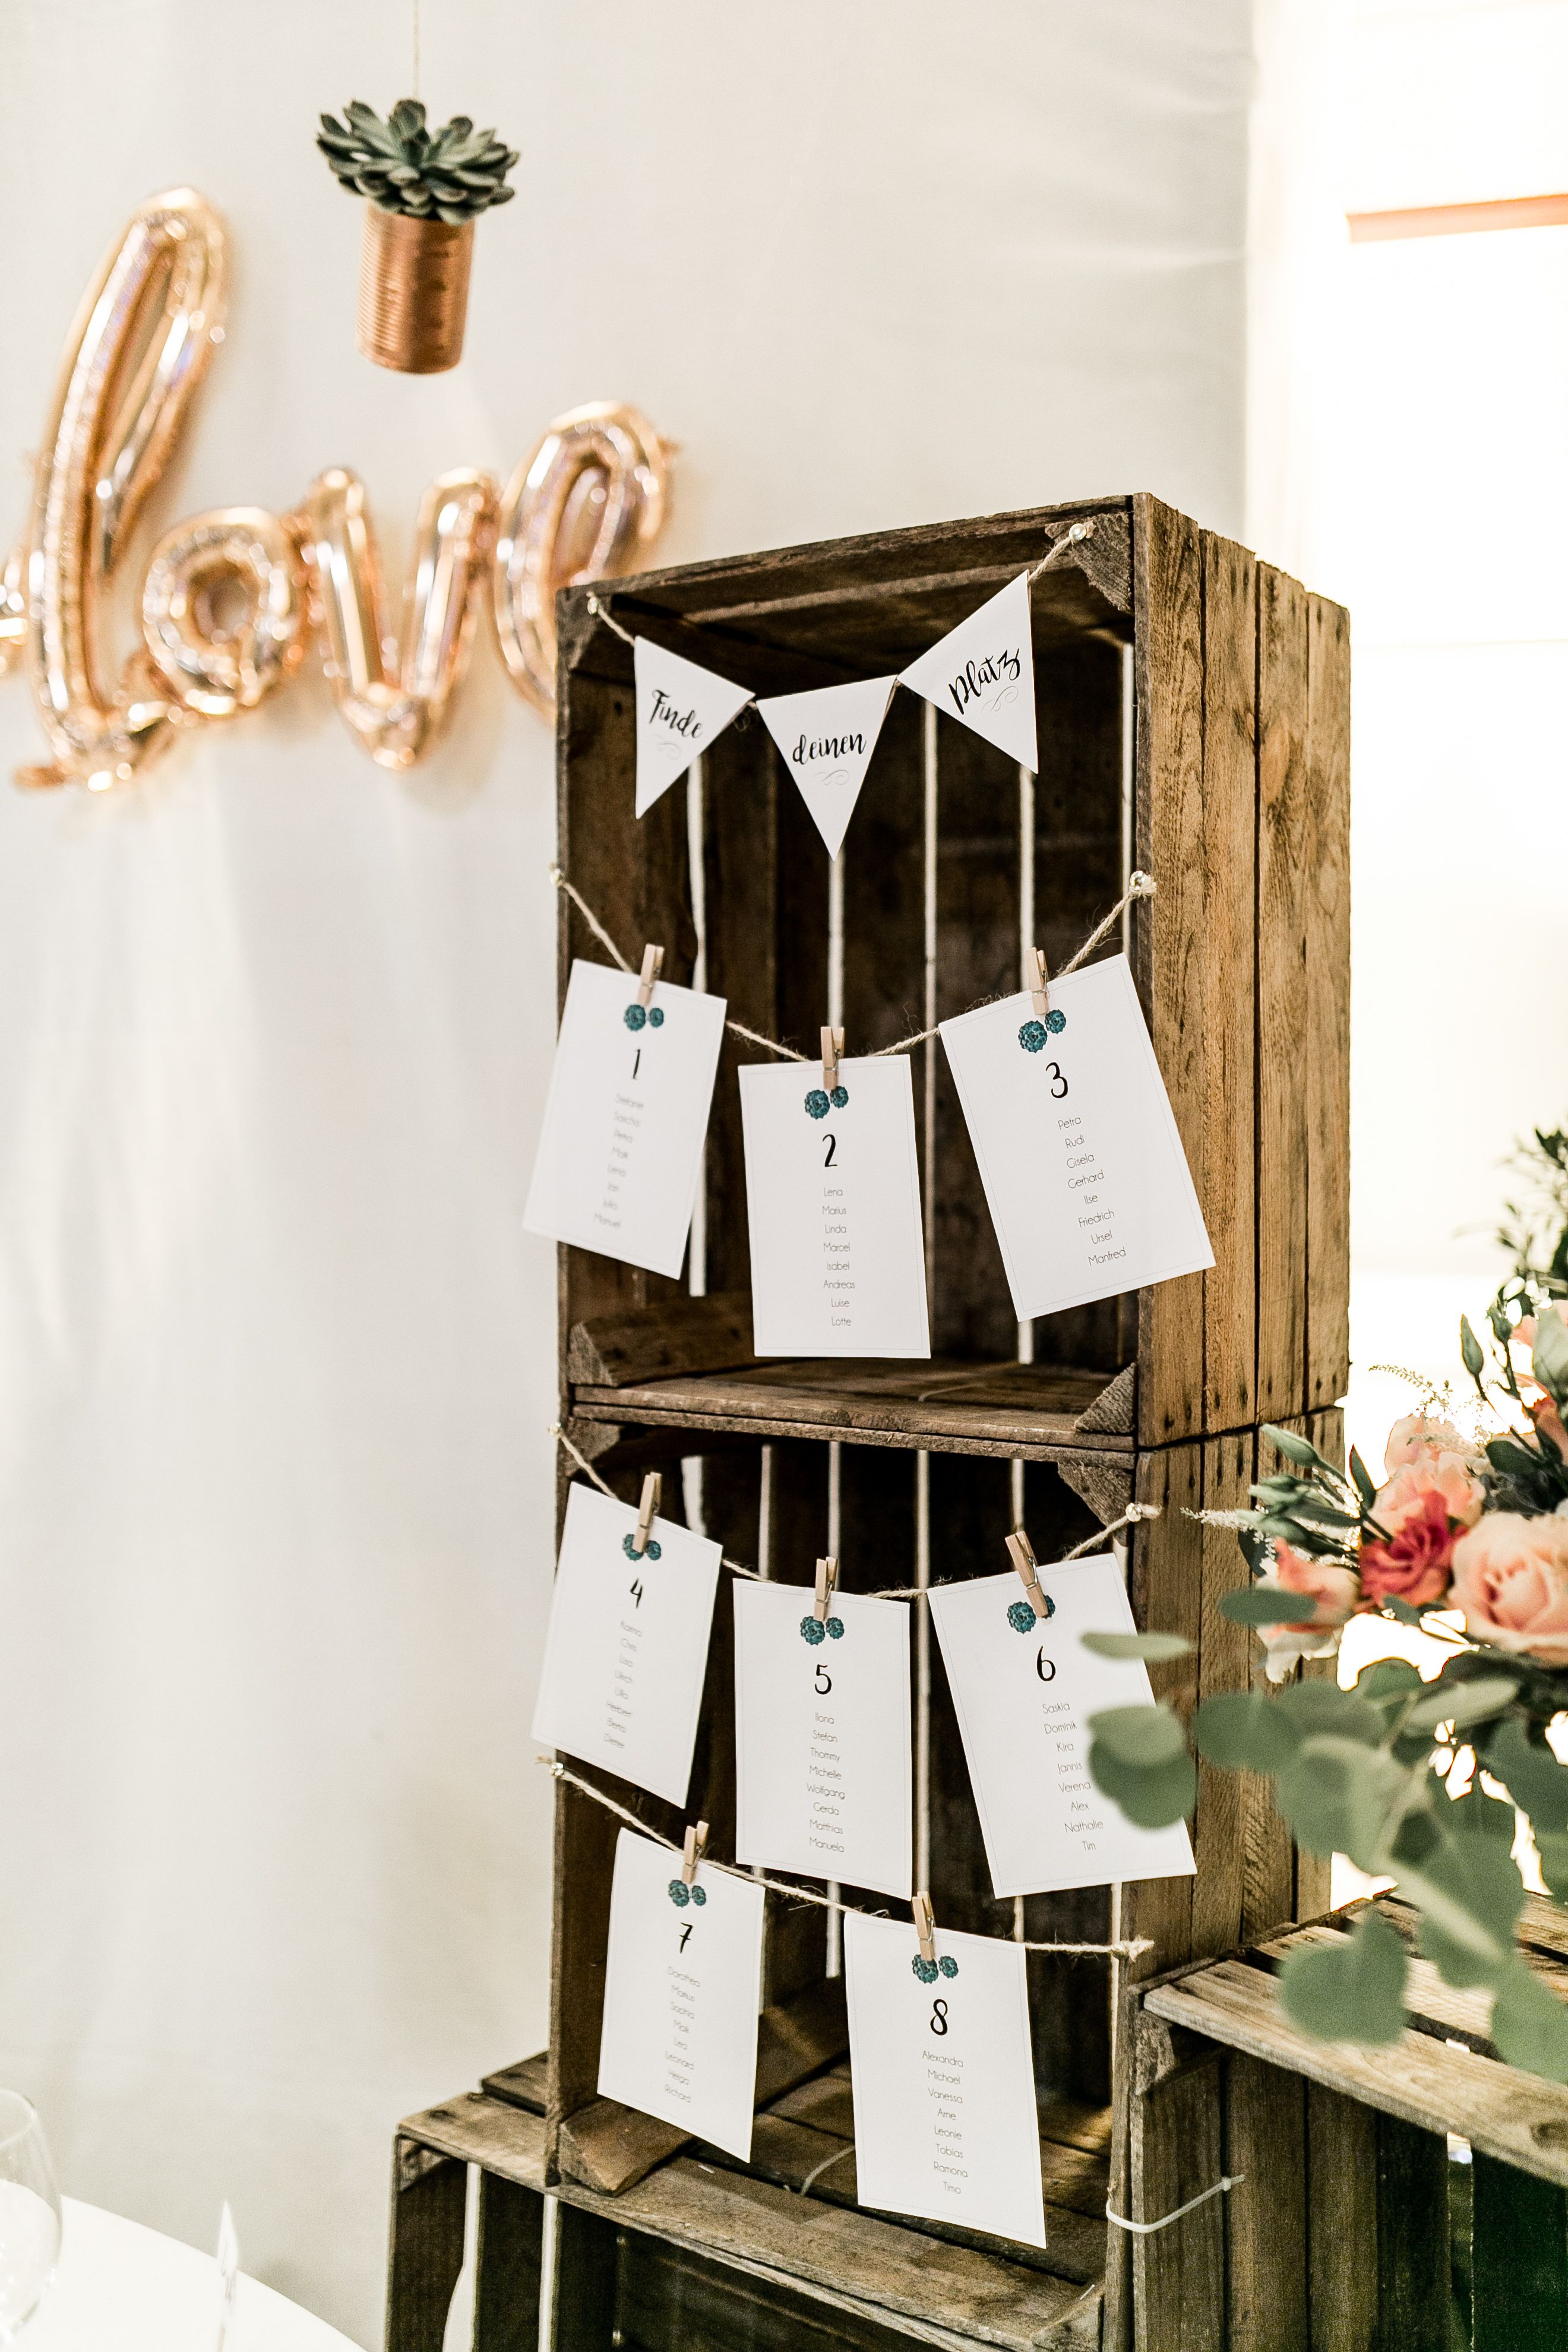 Sitzplan Hochzeit Sitzplan Hochzeit Dekoration Hochzeit Hochzeit Sitzplan Ideen